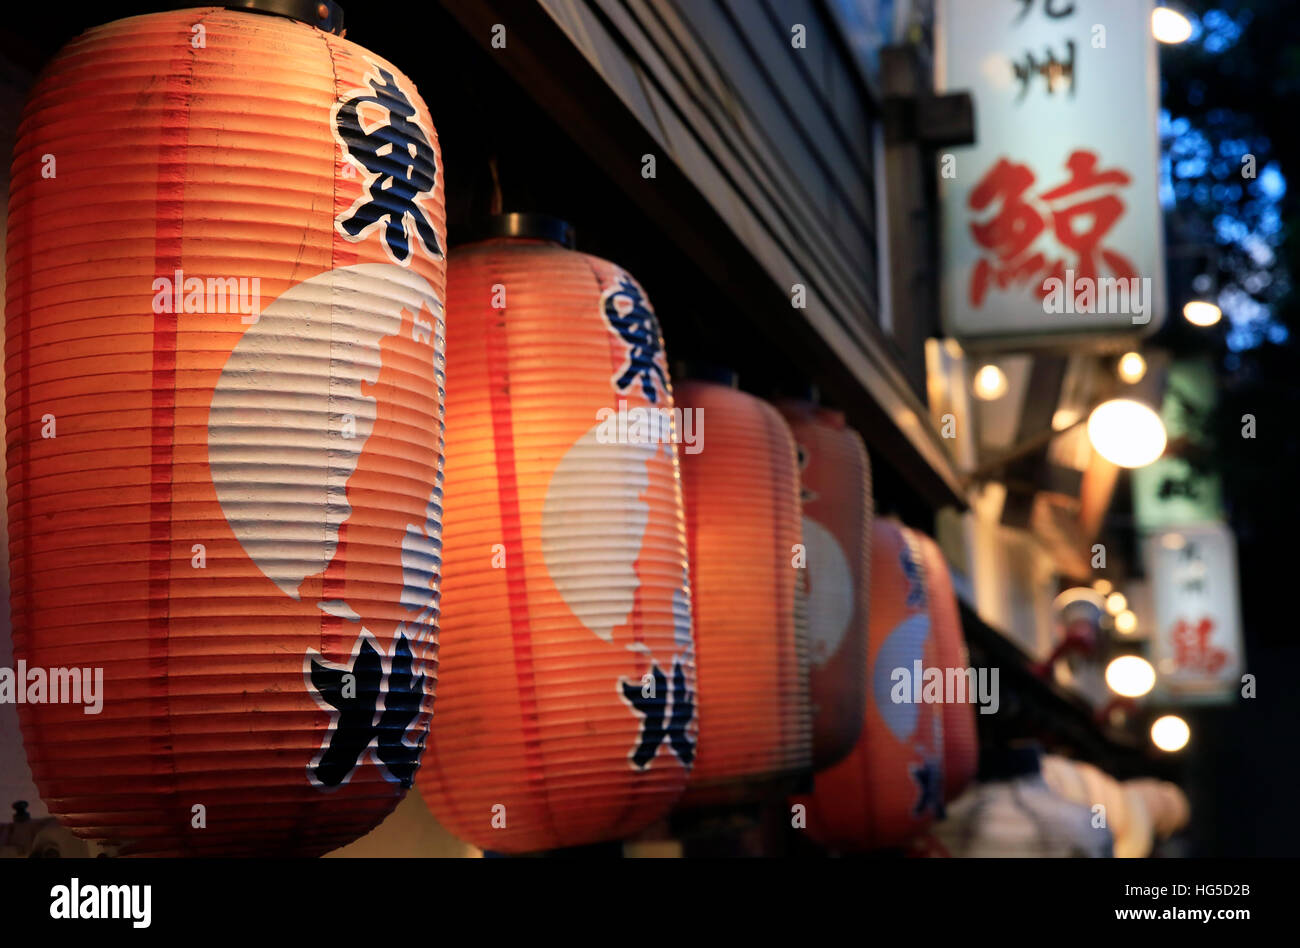 Japanese lanterns, Ginza district, Tokyo, Japan, Asia Stock Photo